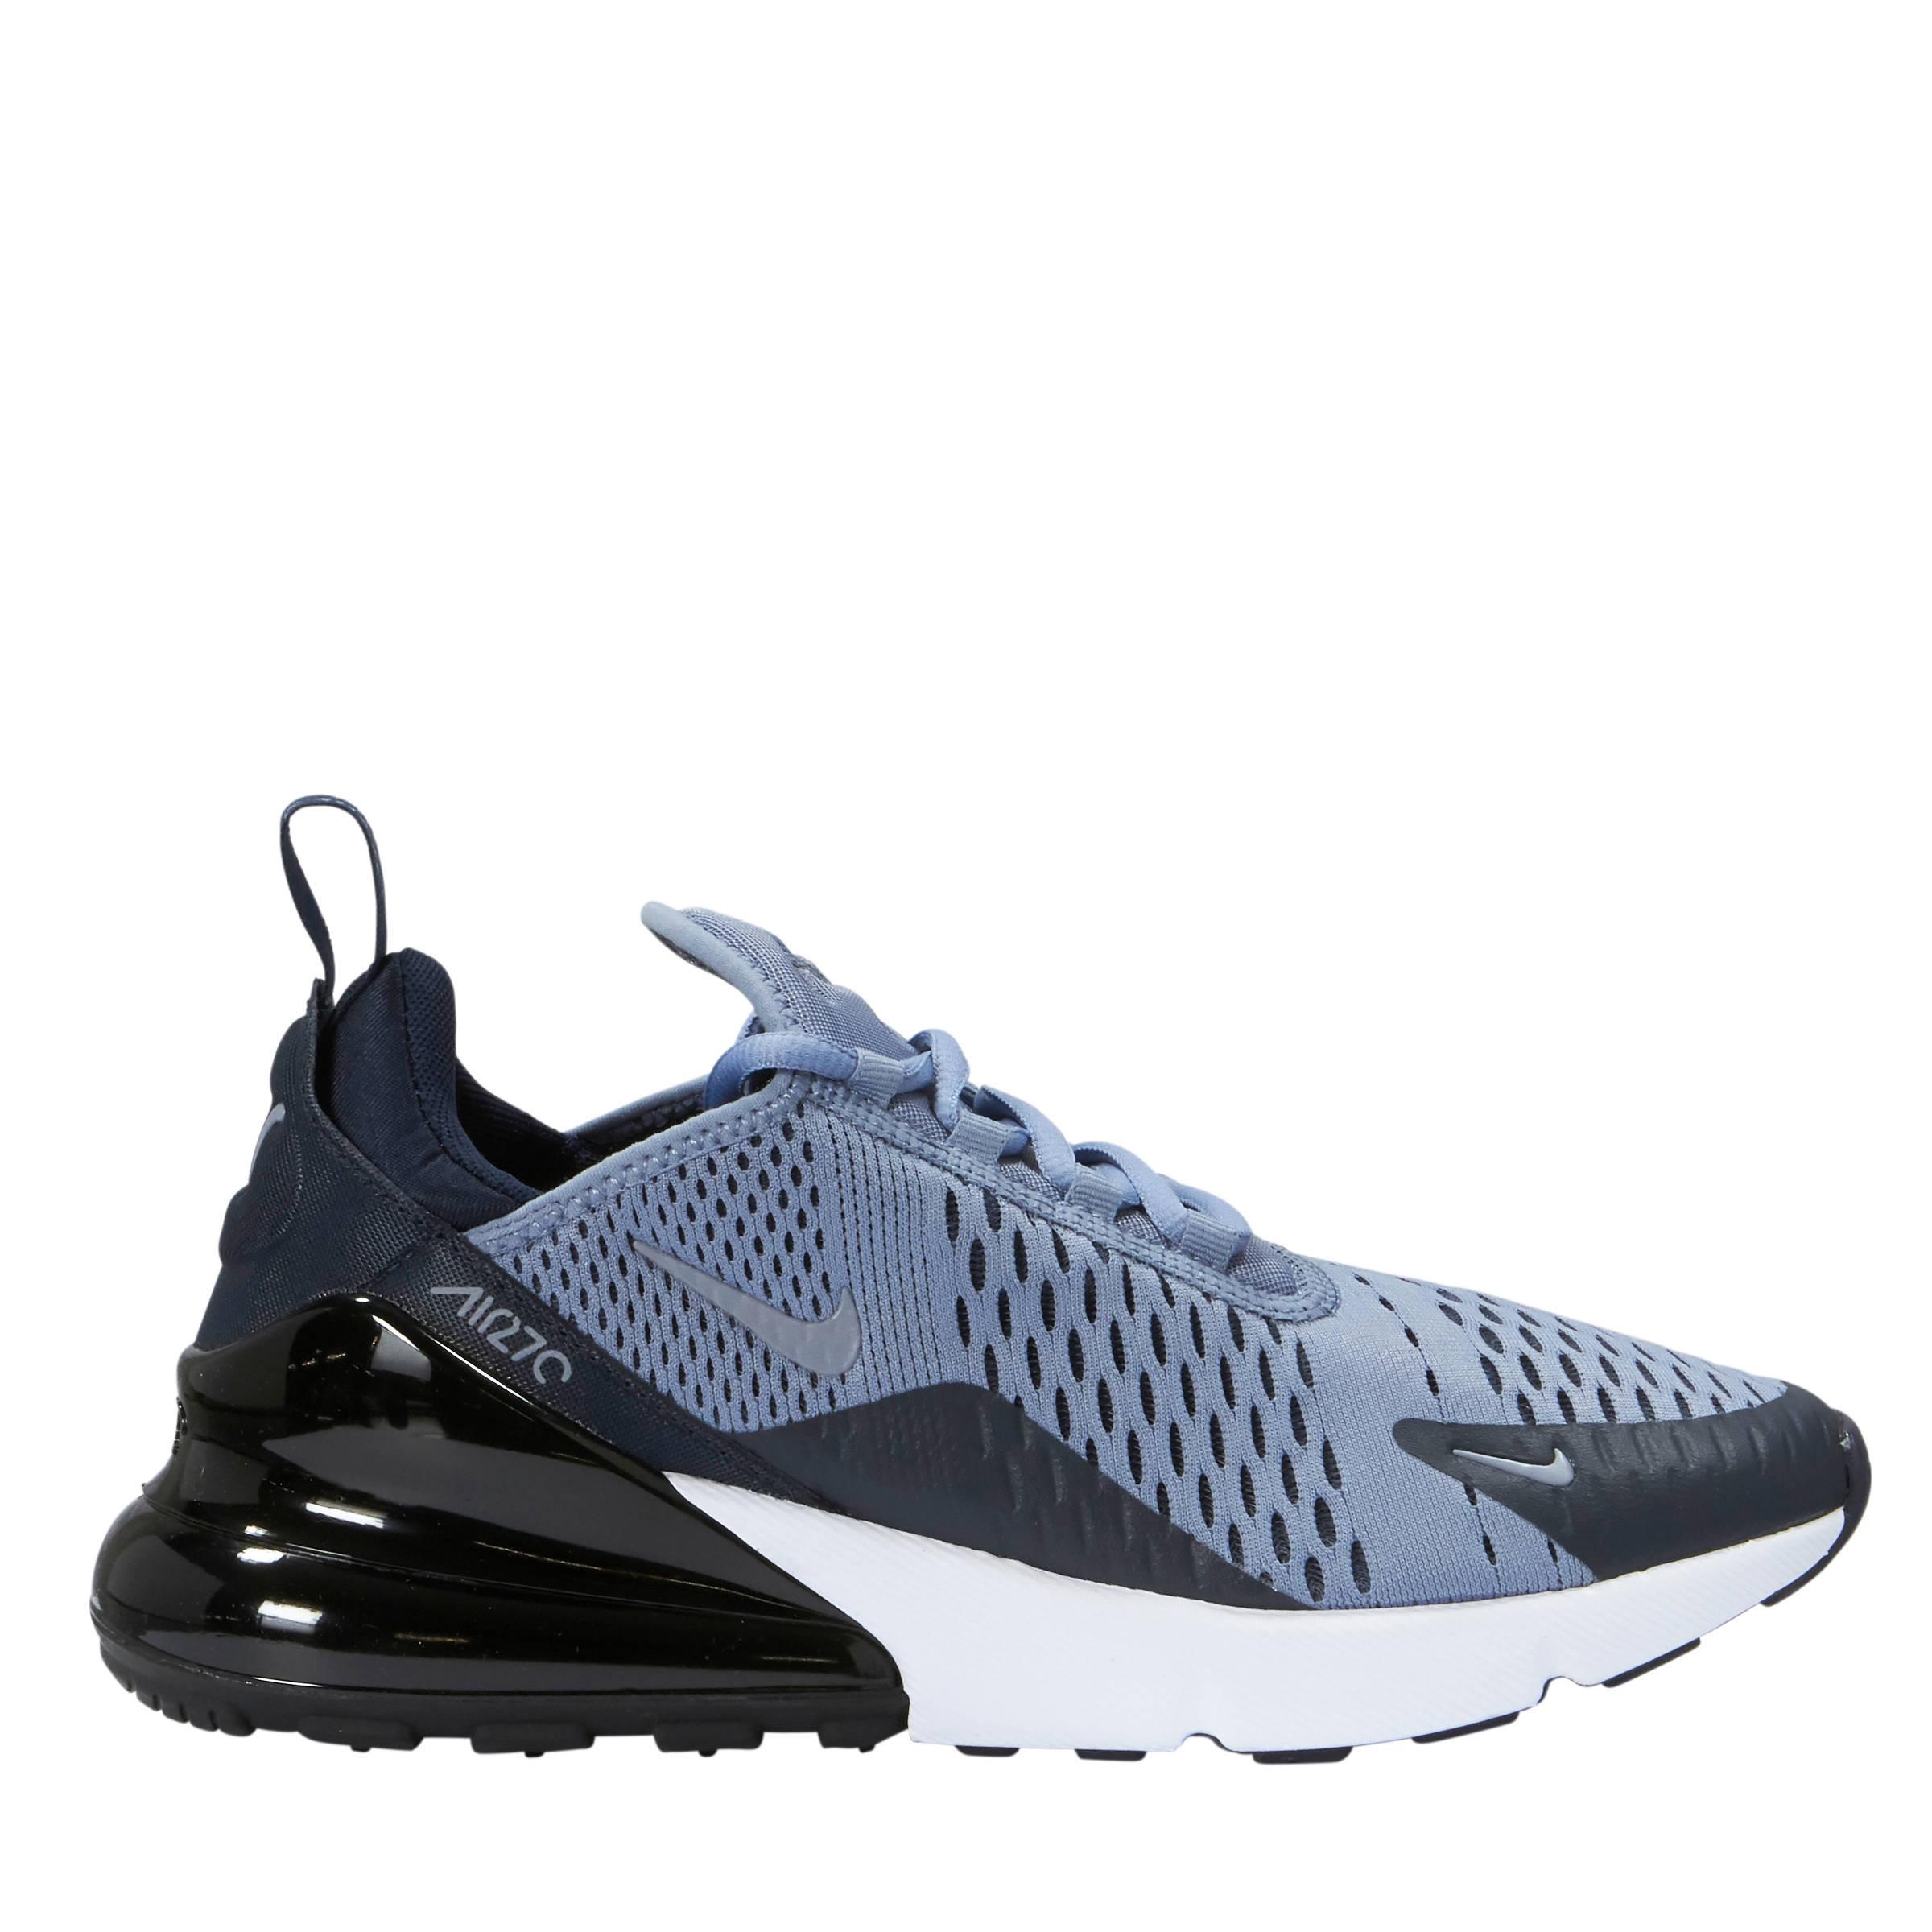 d364e9e302d nike-air-max-270-sneakers-grijs-0884498633656.jpg